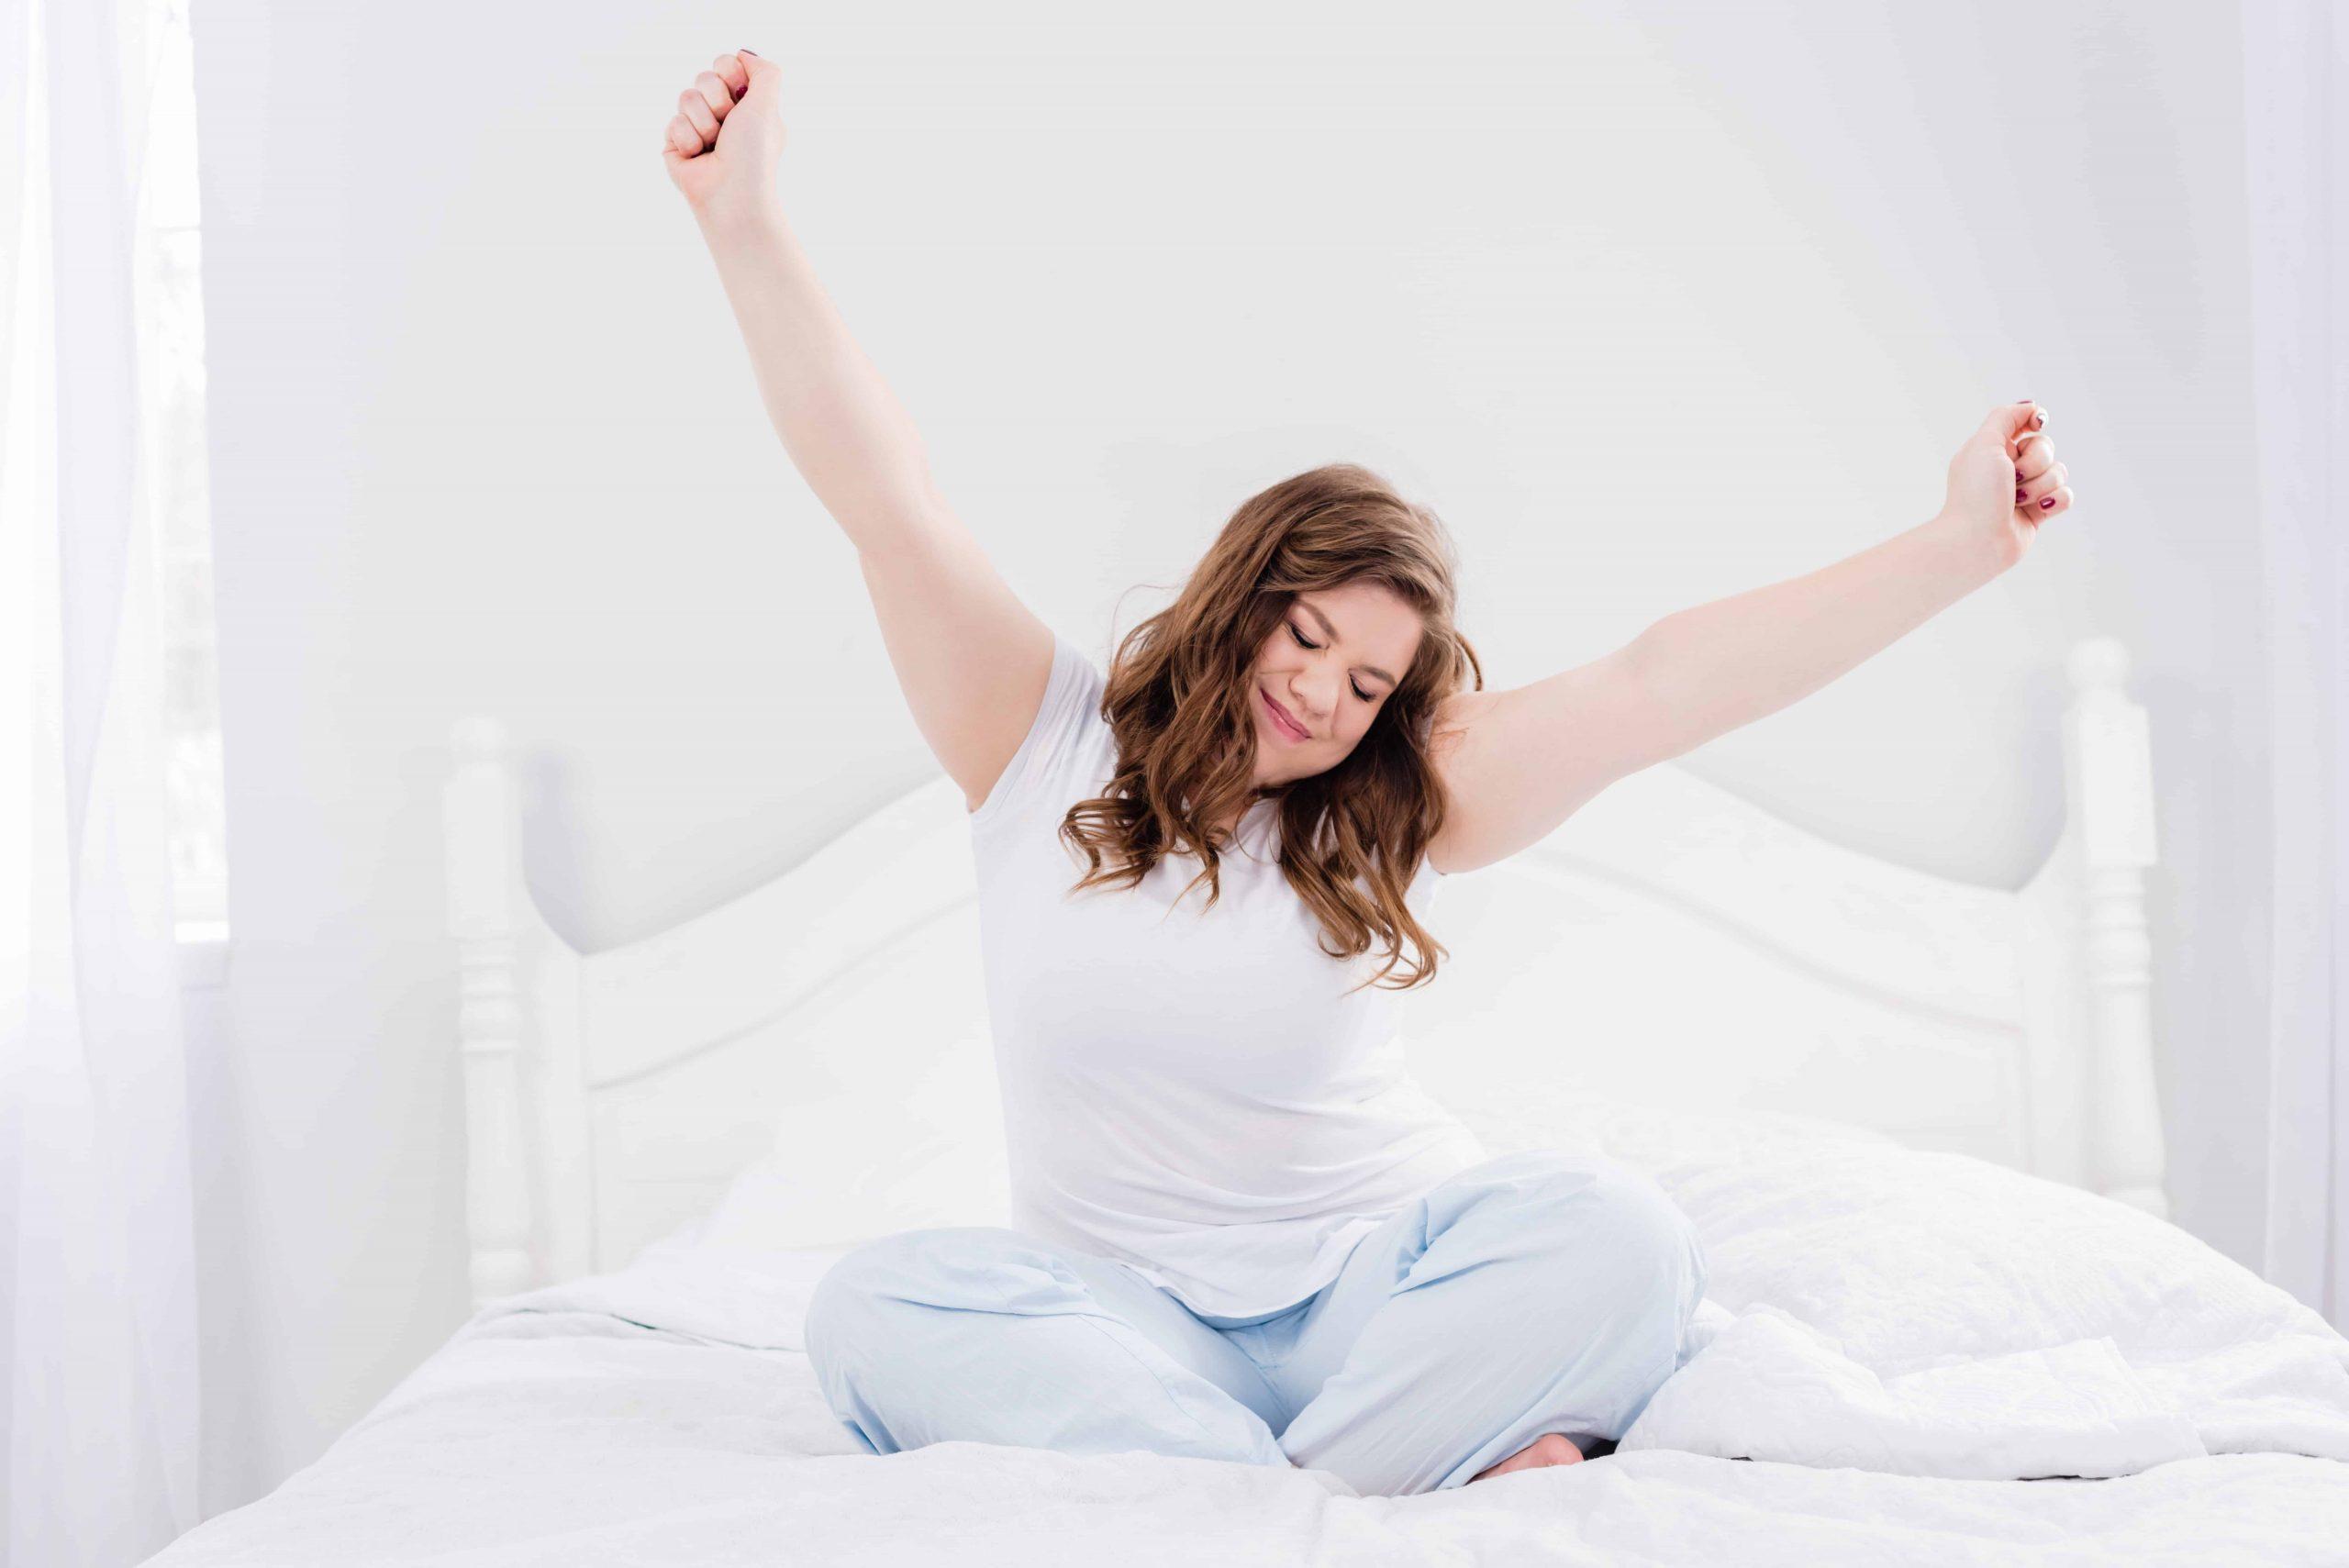 Bett für Übergewichtige: Test & Empfehlungen (06/20)